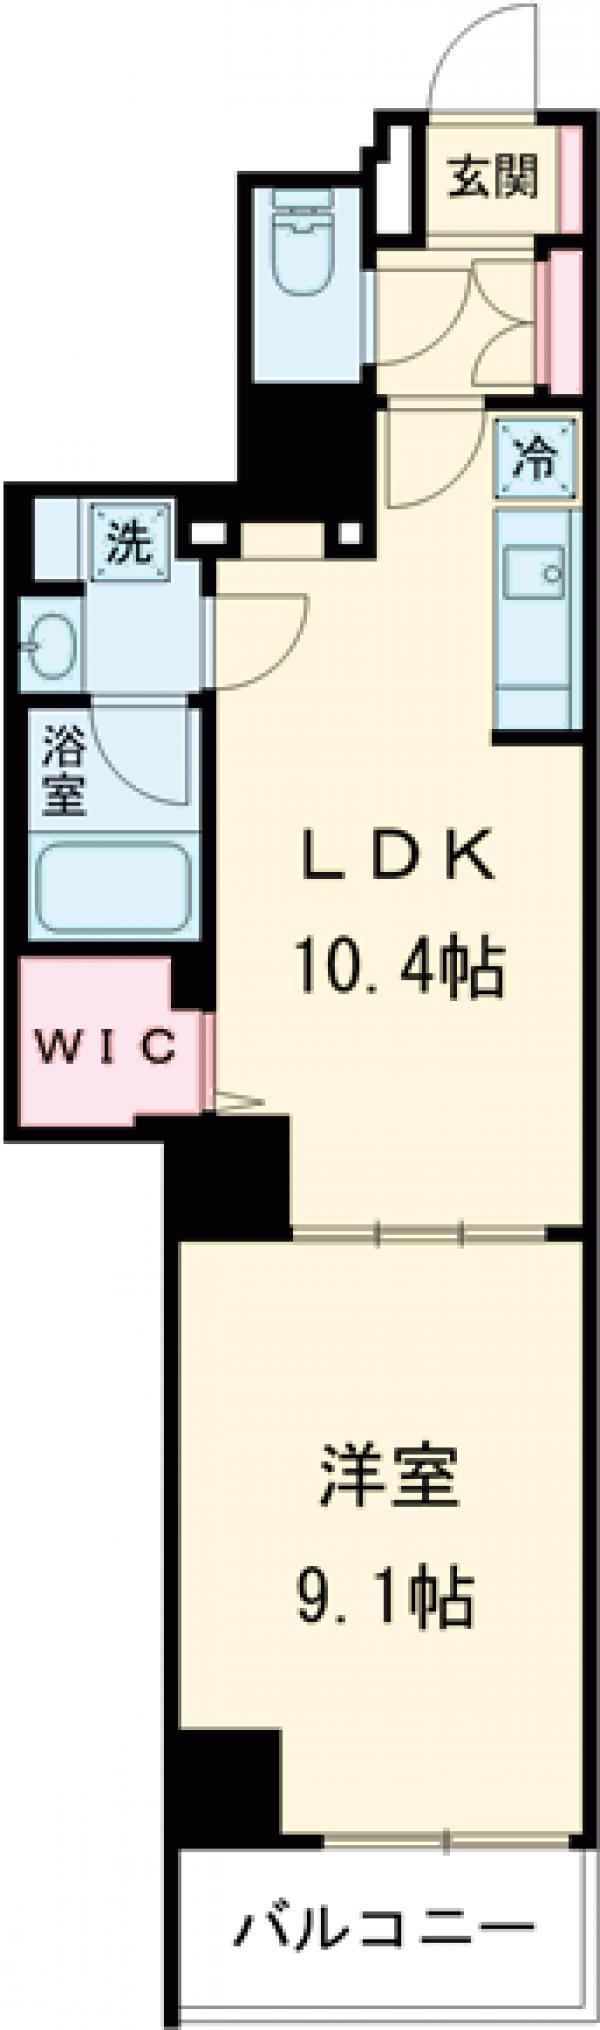 ロイジェント上野桜木・201号室の間取り